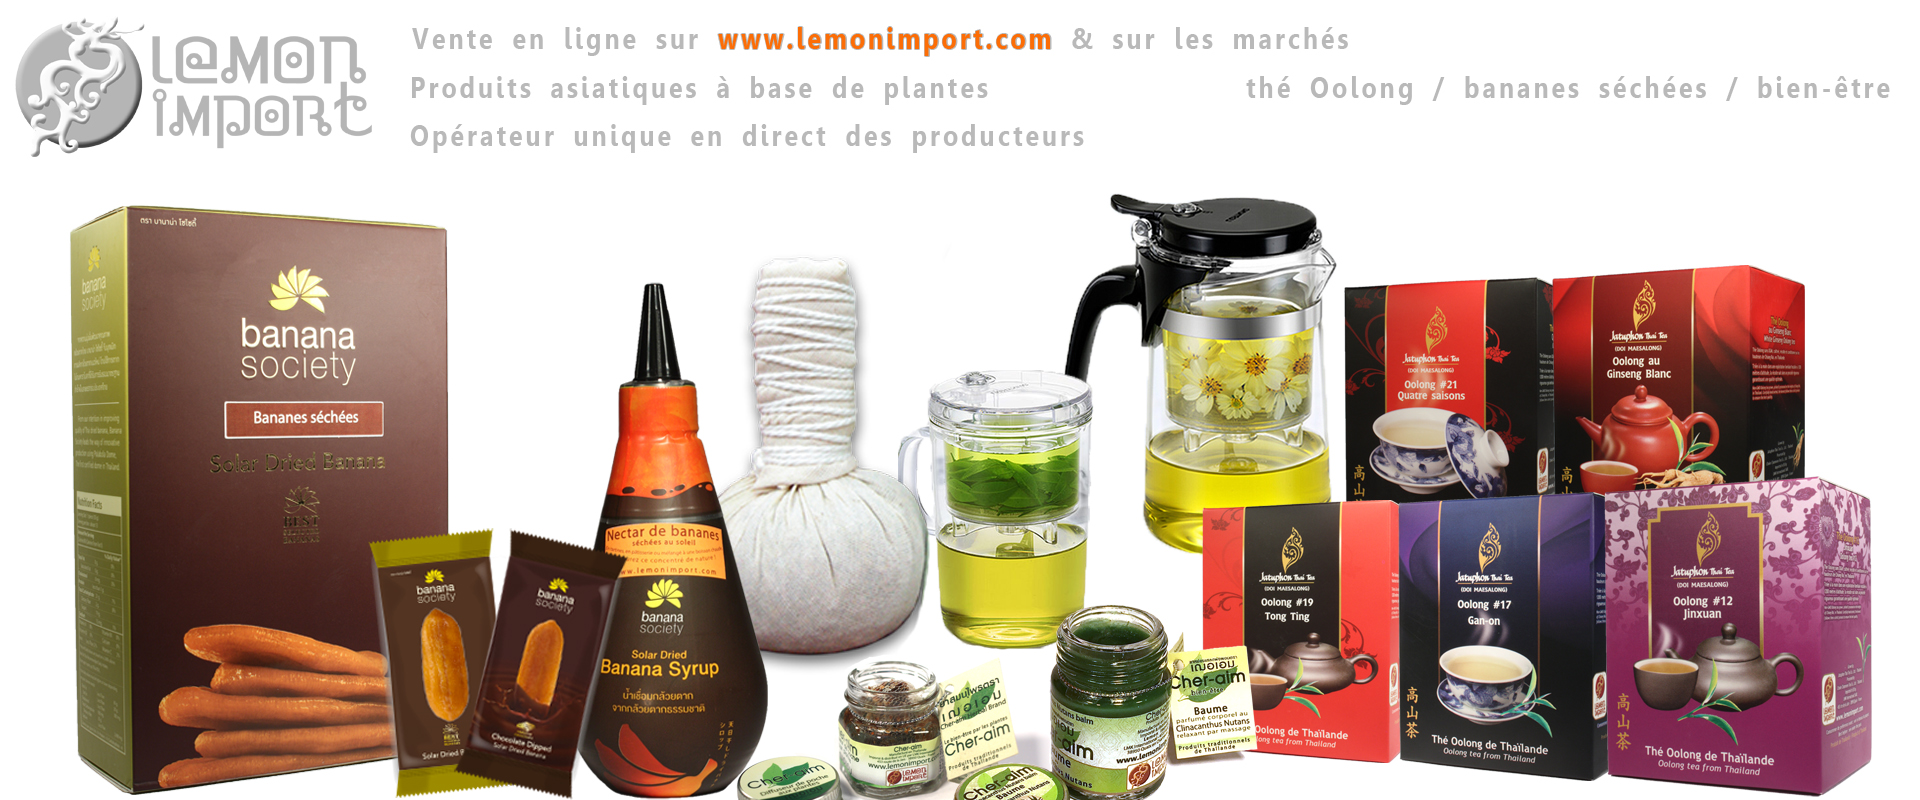 La gamme Lemon Import